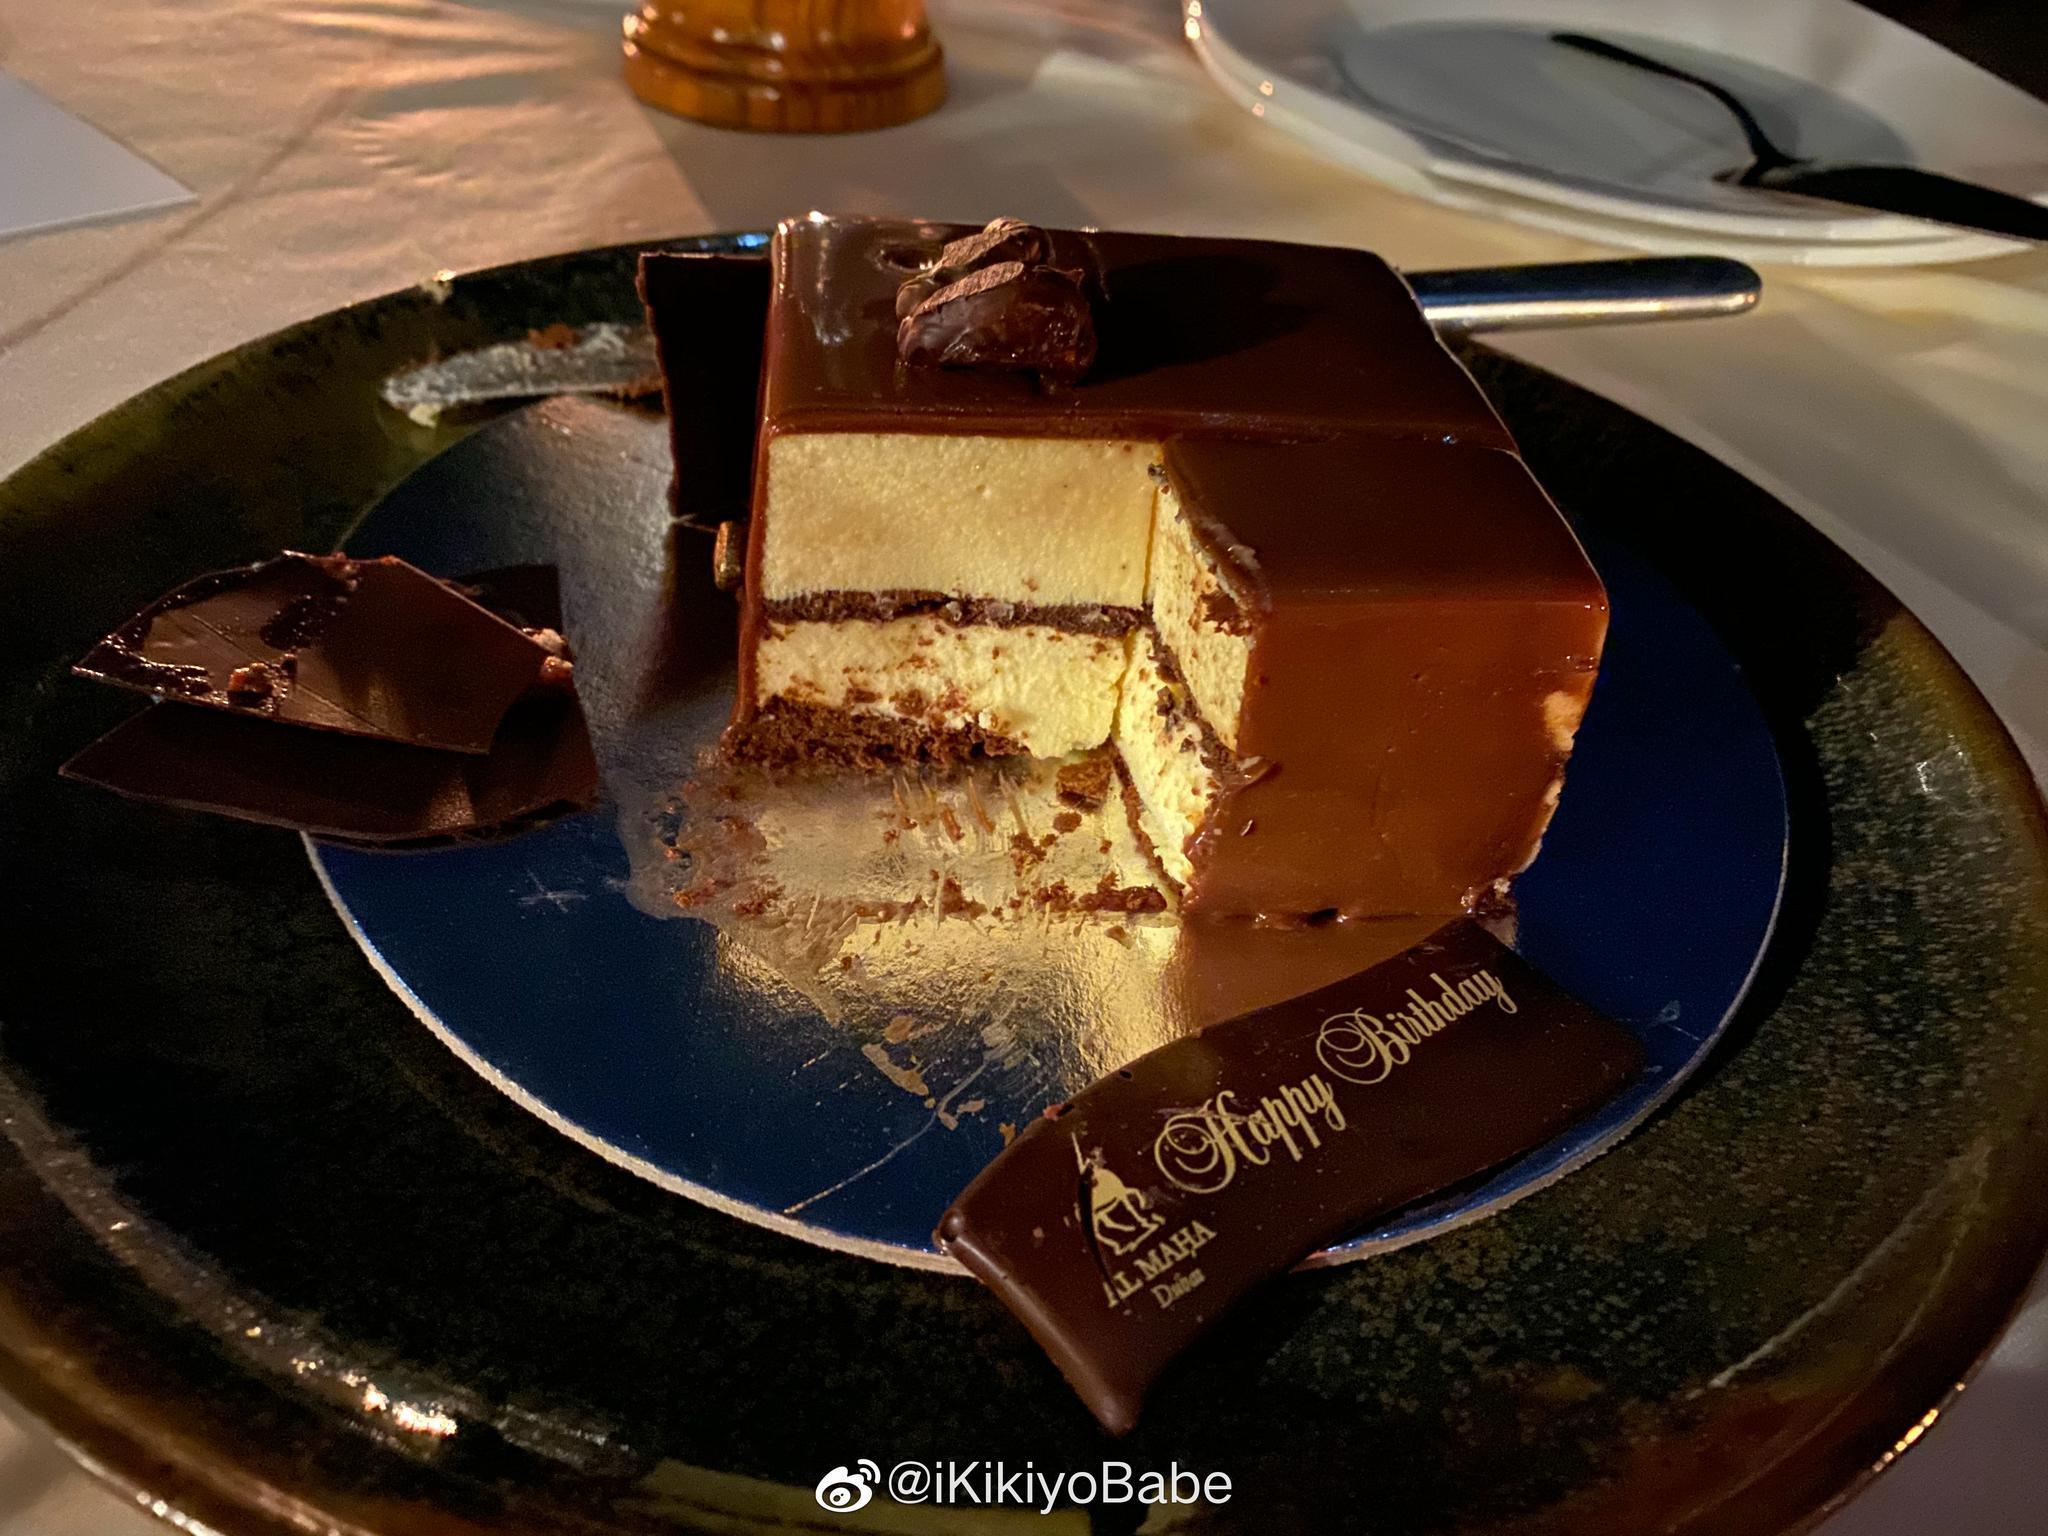 好么 由于时差问题一共过了三次生日吃了两次蛋糕 未来是美好的事越来